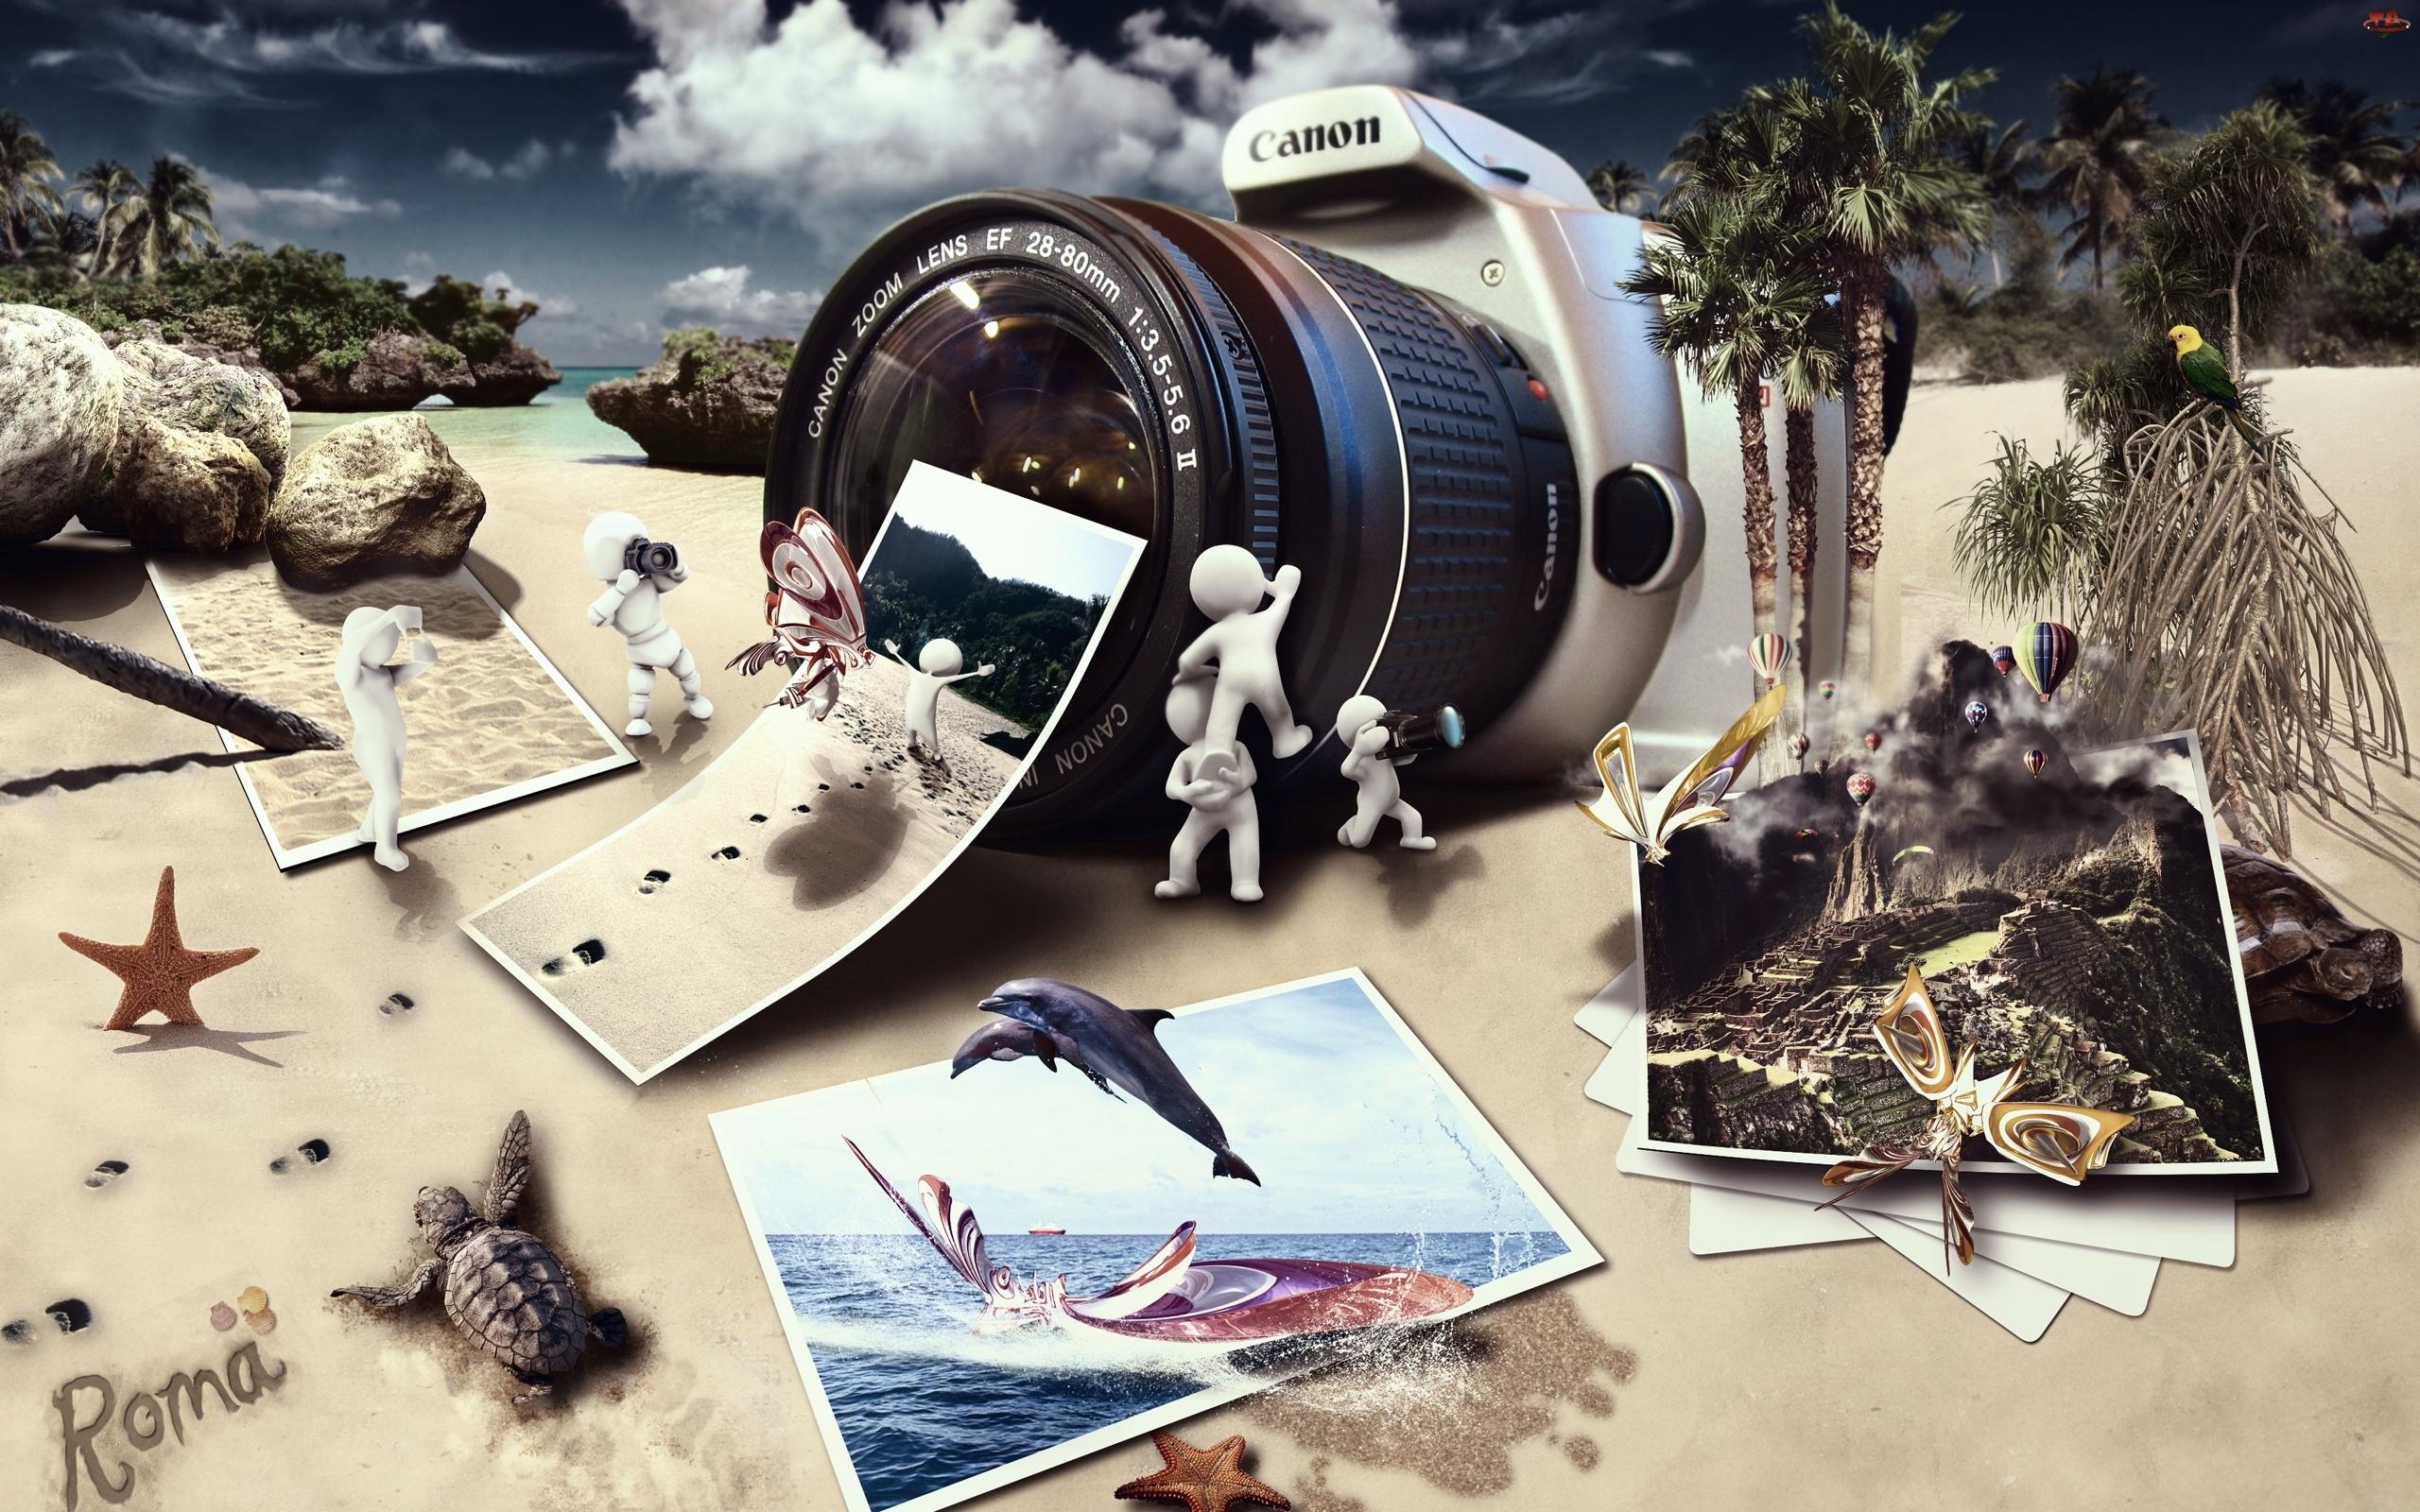 Reklama, Aparat Canon, Zdjęcia